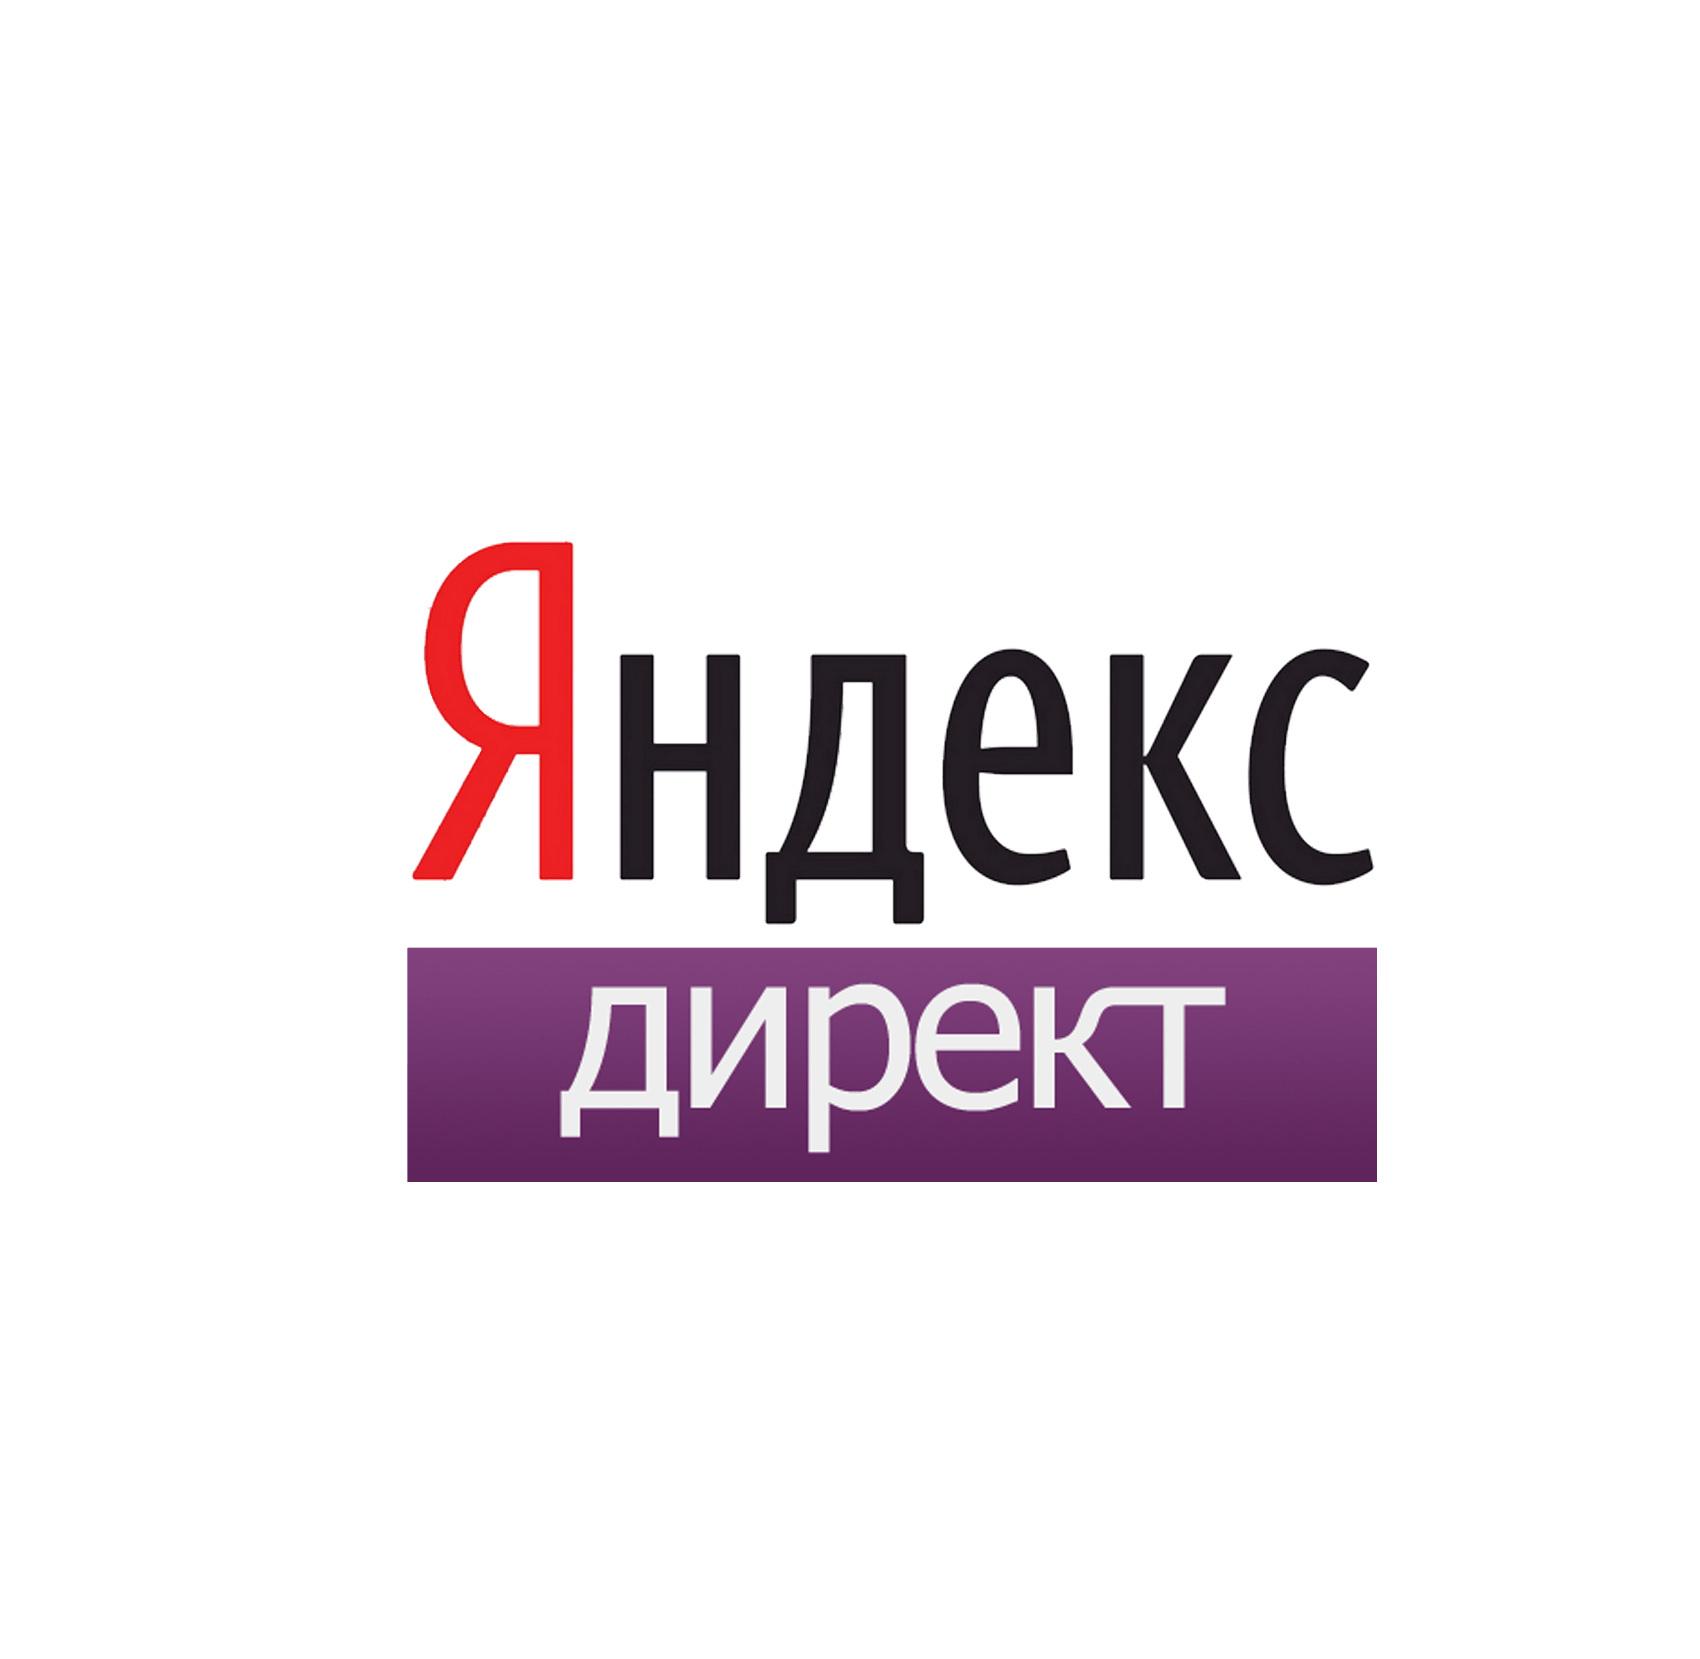 Собираем темы для обзоров на сайт через Яндекс